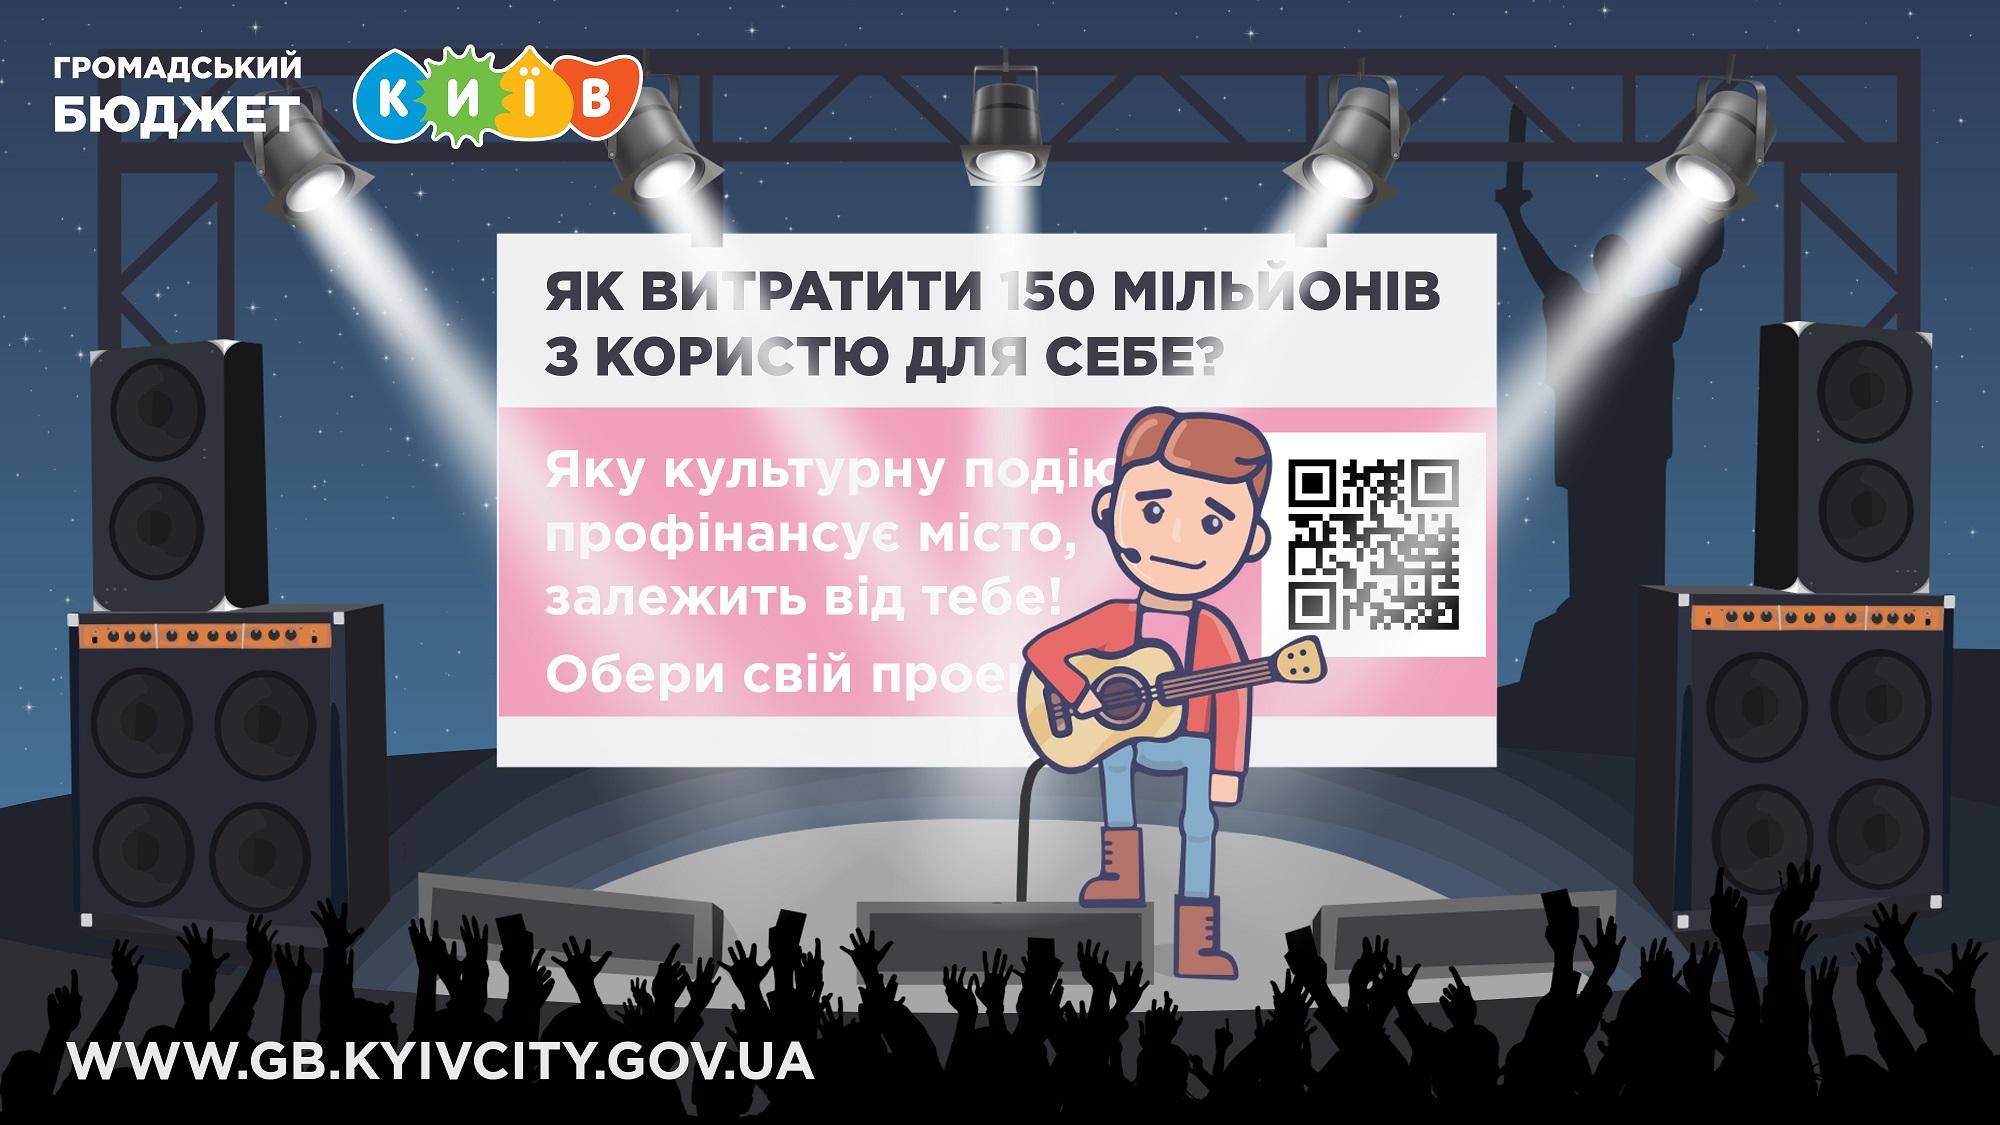 Сюжет №3 (культура, відпочинок) Громадський бюджет Києва